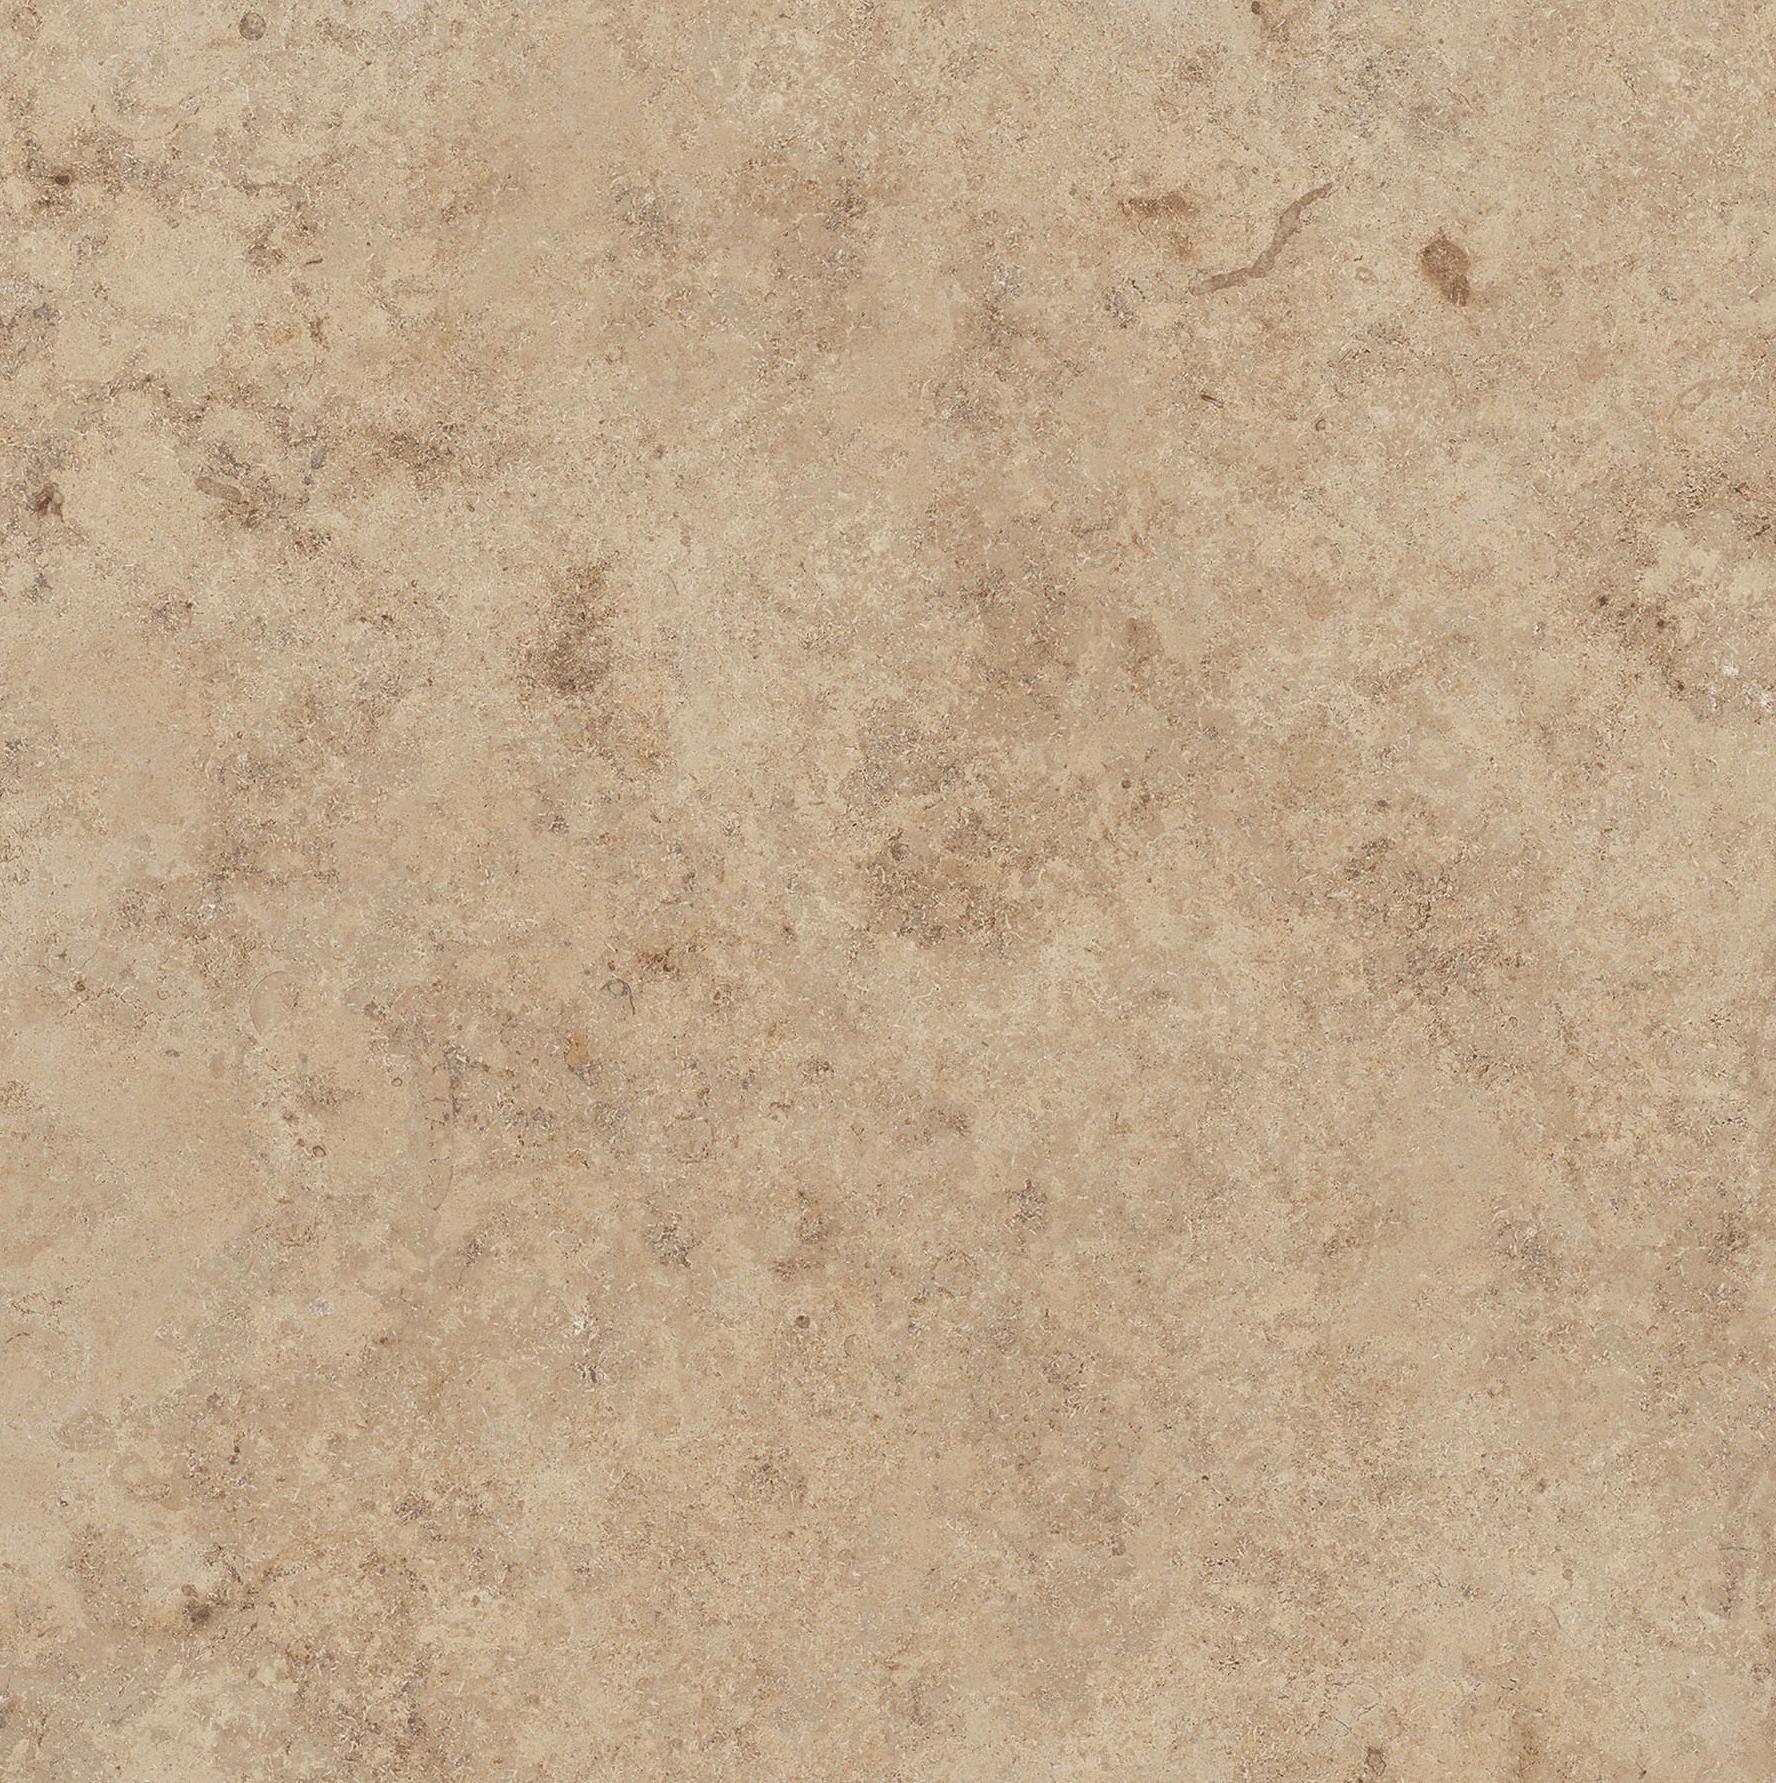 Jura beige ne 10 keramik fliesen von mirage architonic - 60x120 fliesen ...